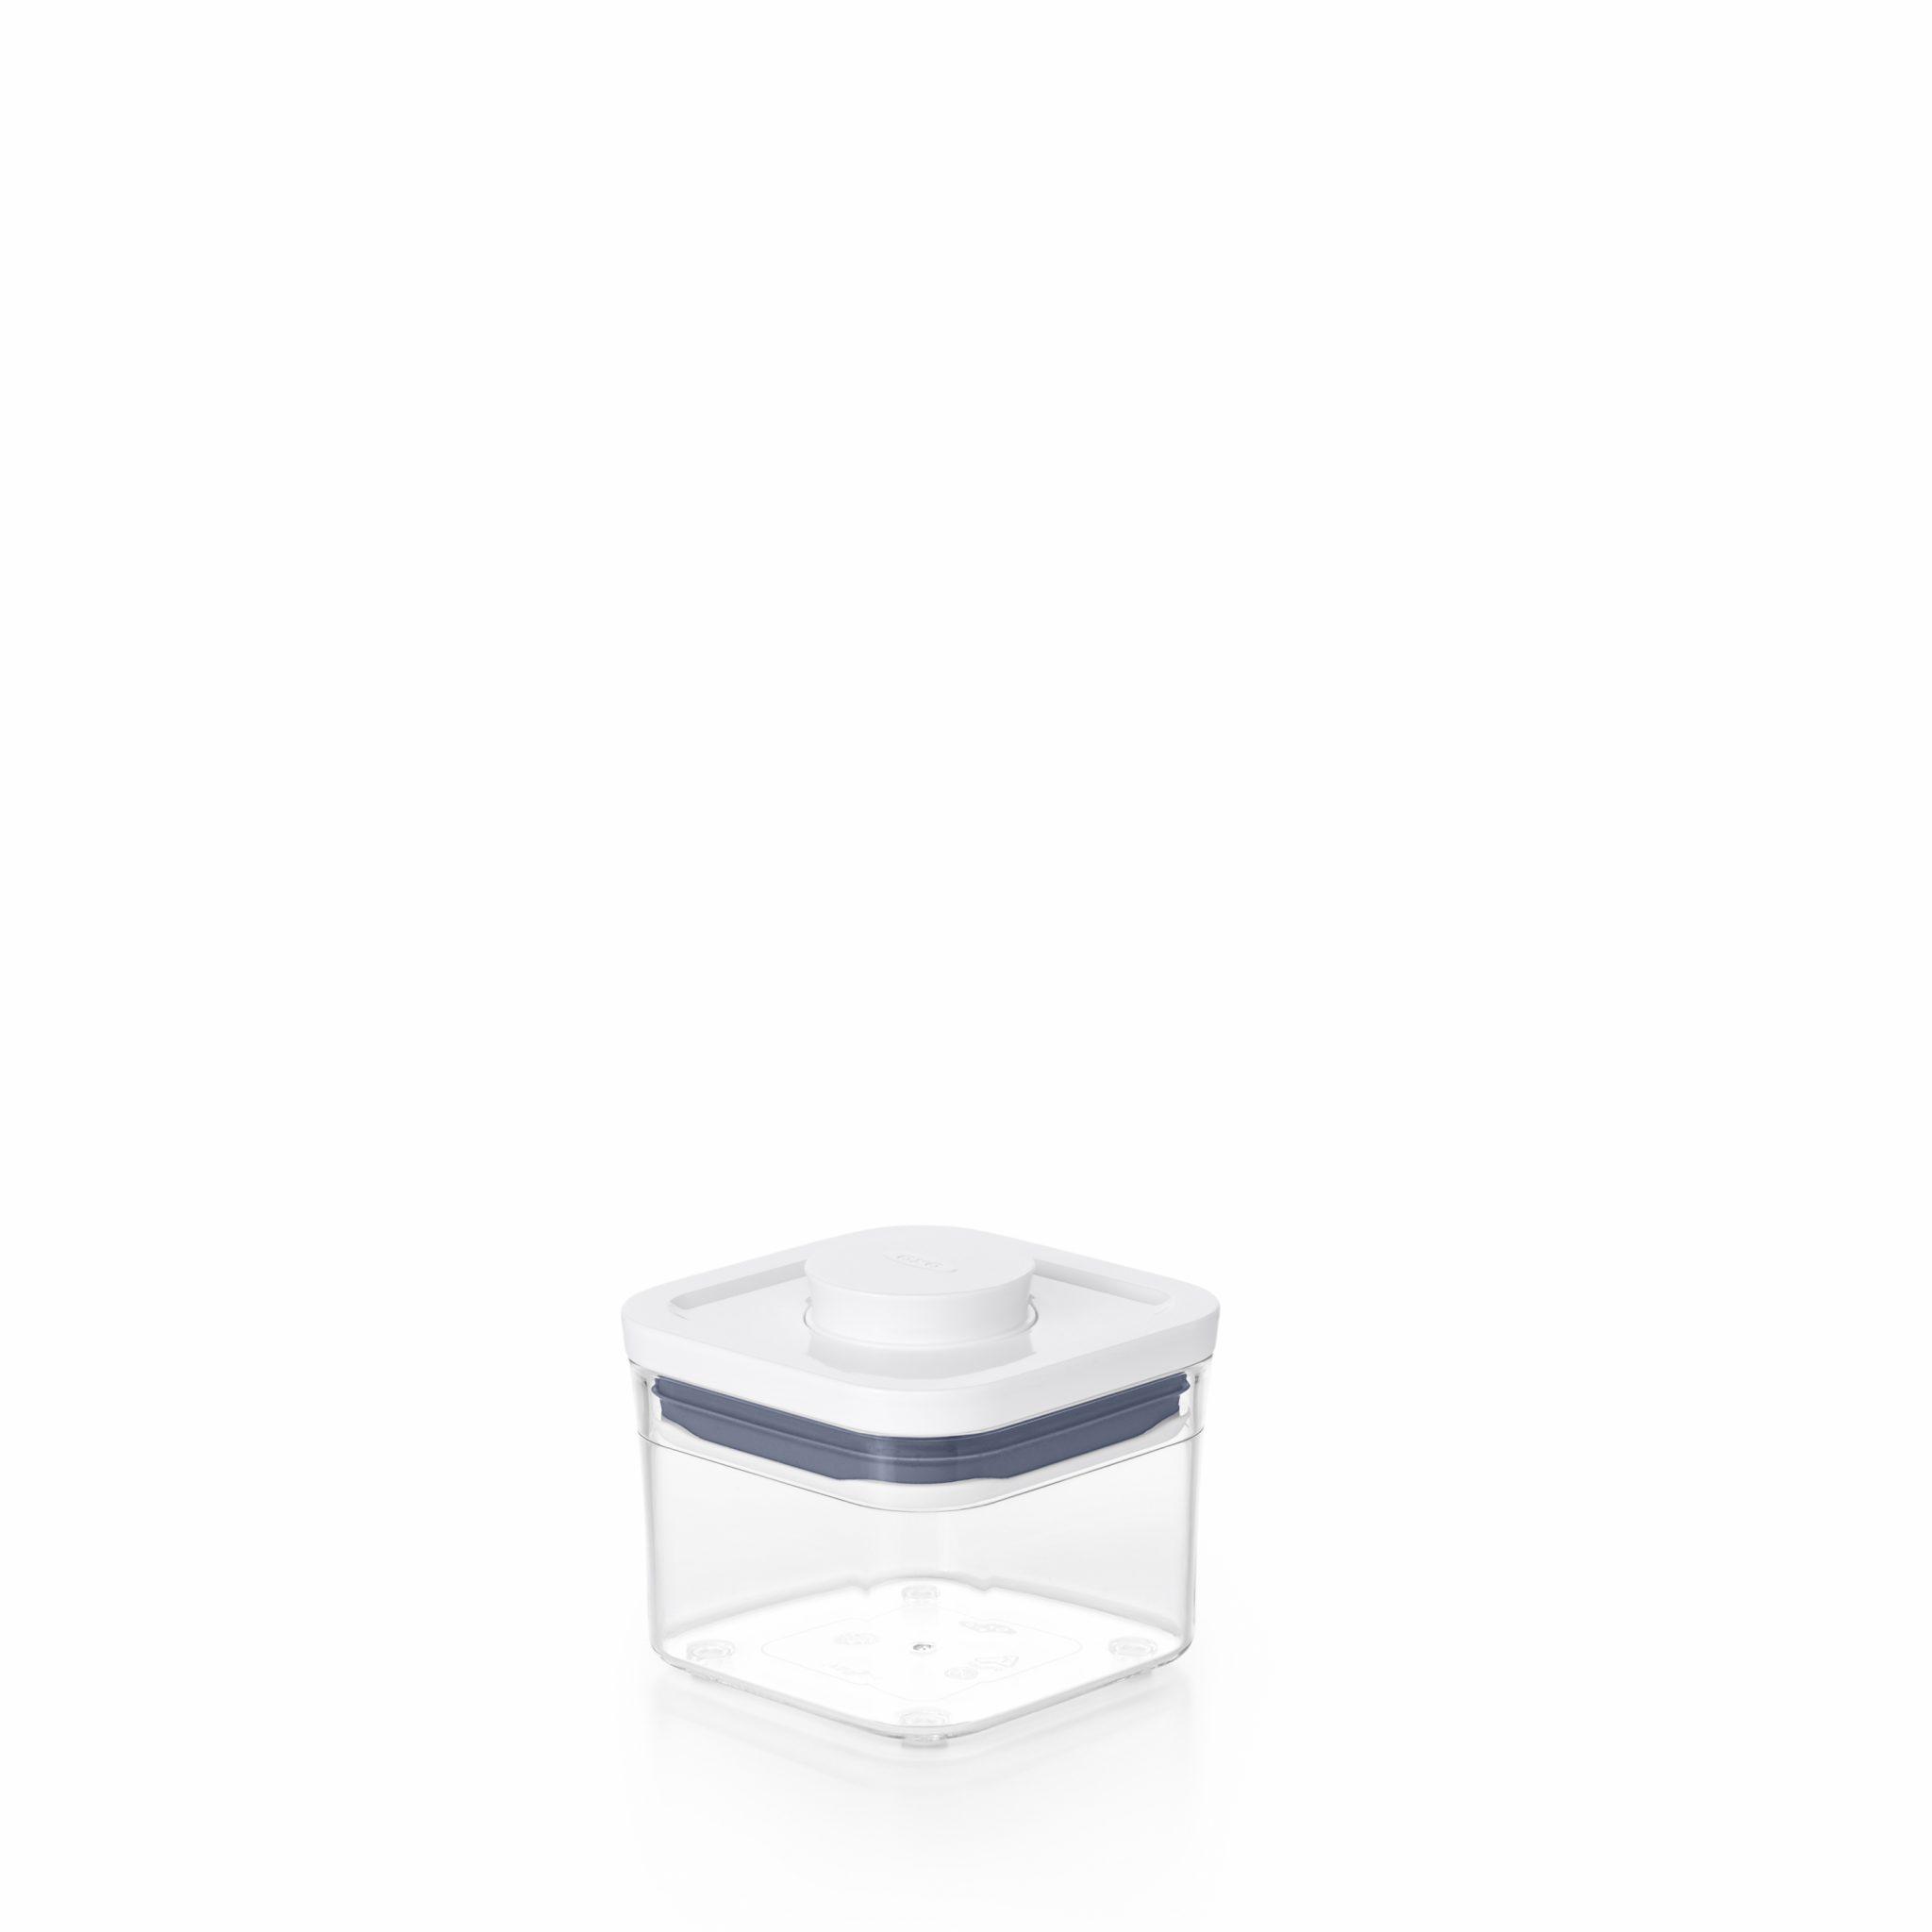 美國 OXO POP 正方按壓保鮮盒 0.4L